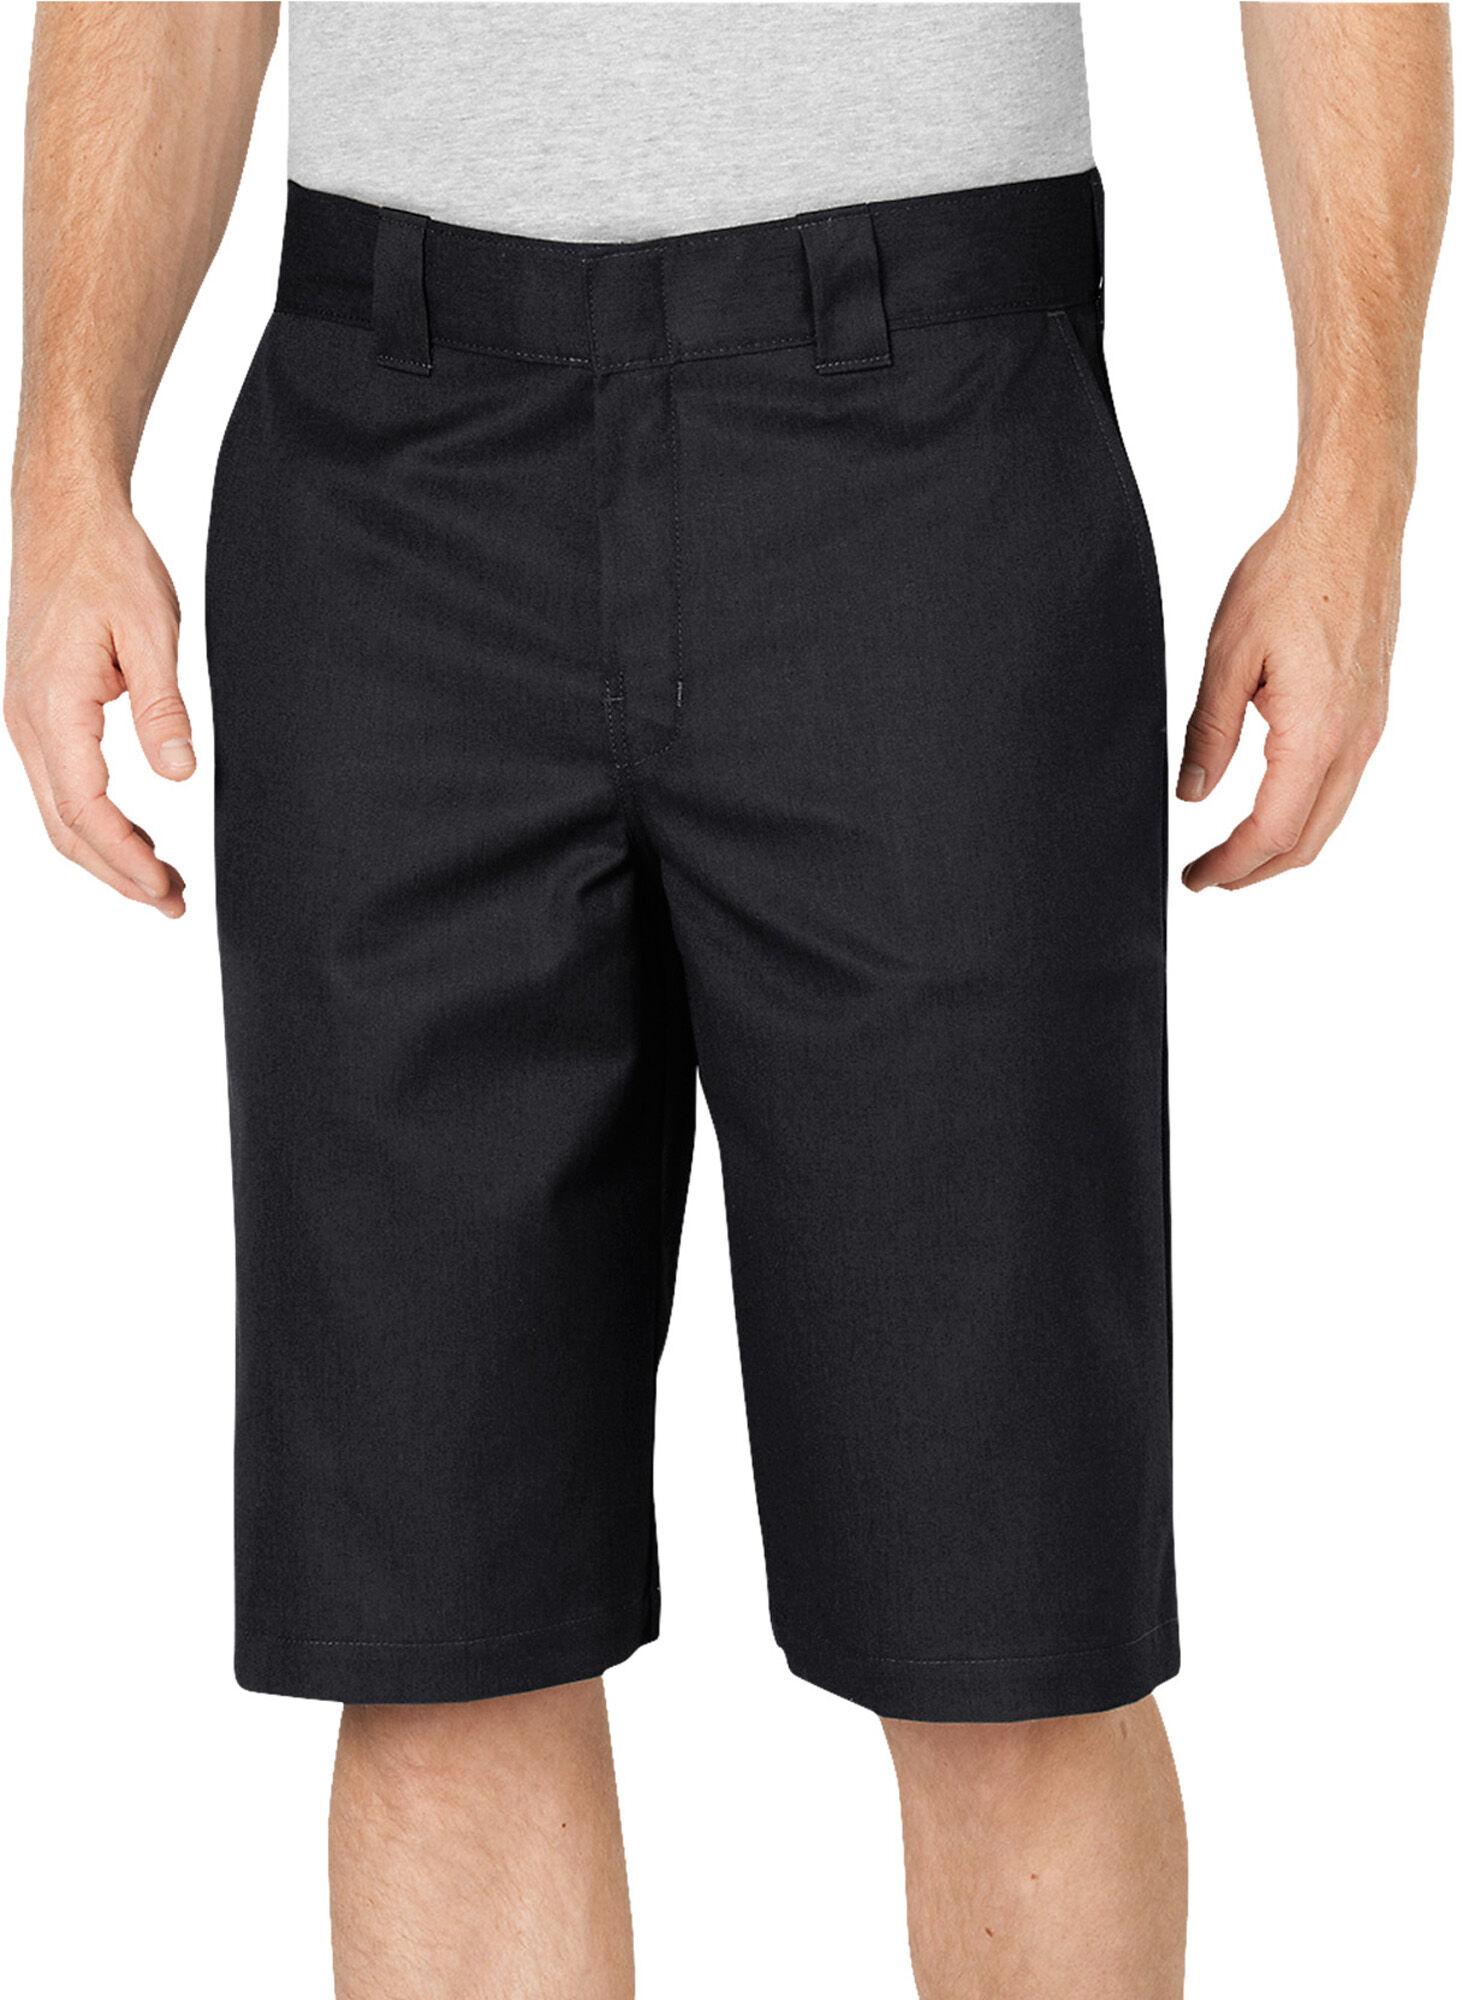 White Work Pants For Men